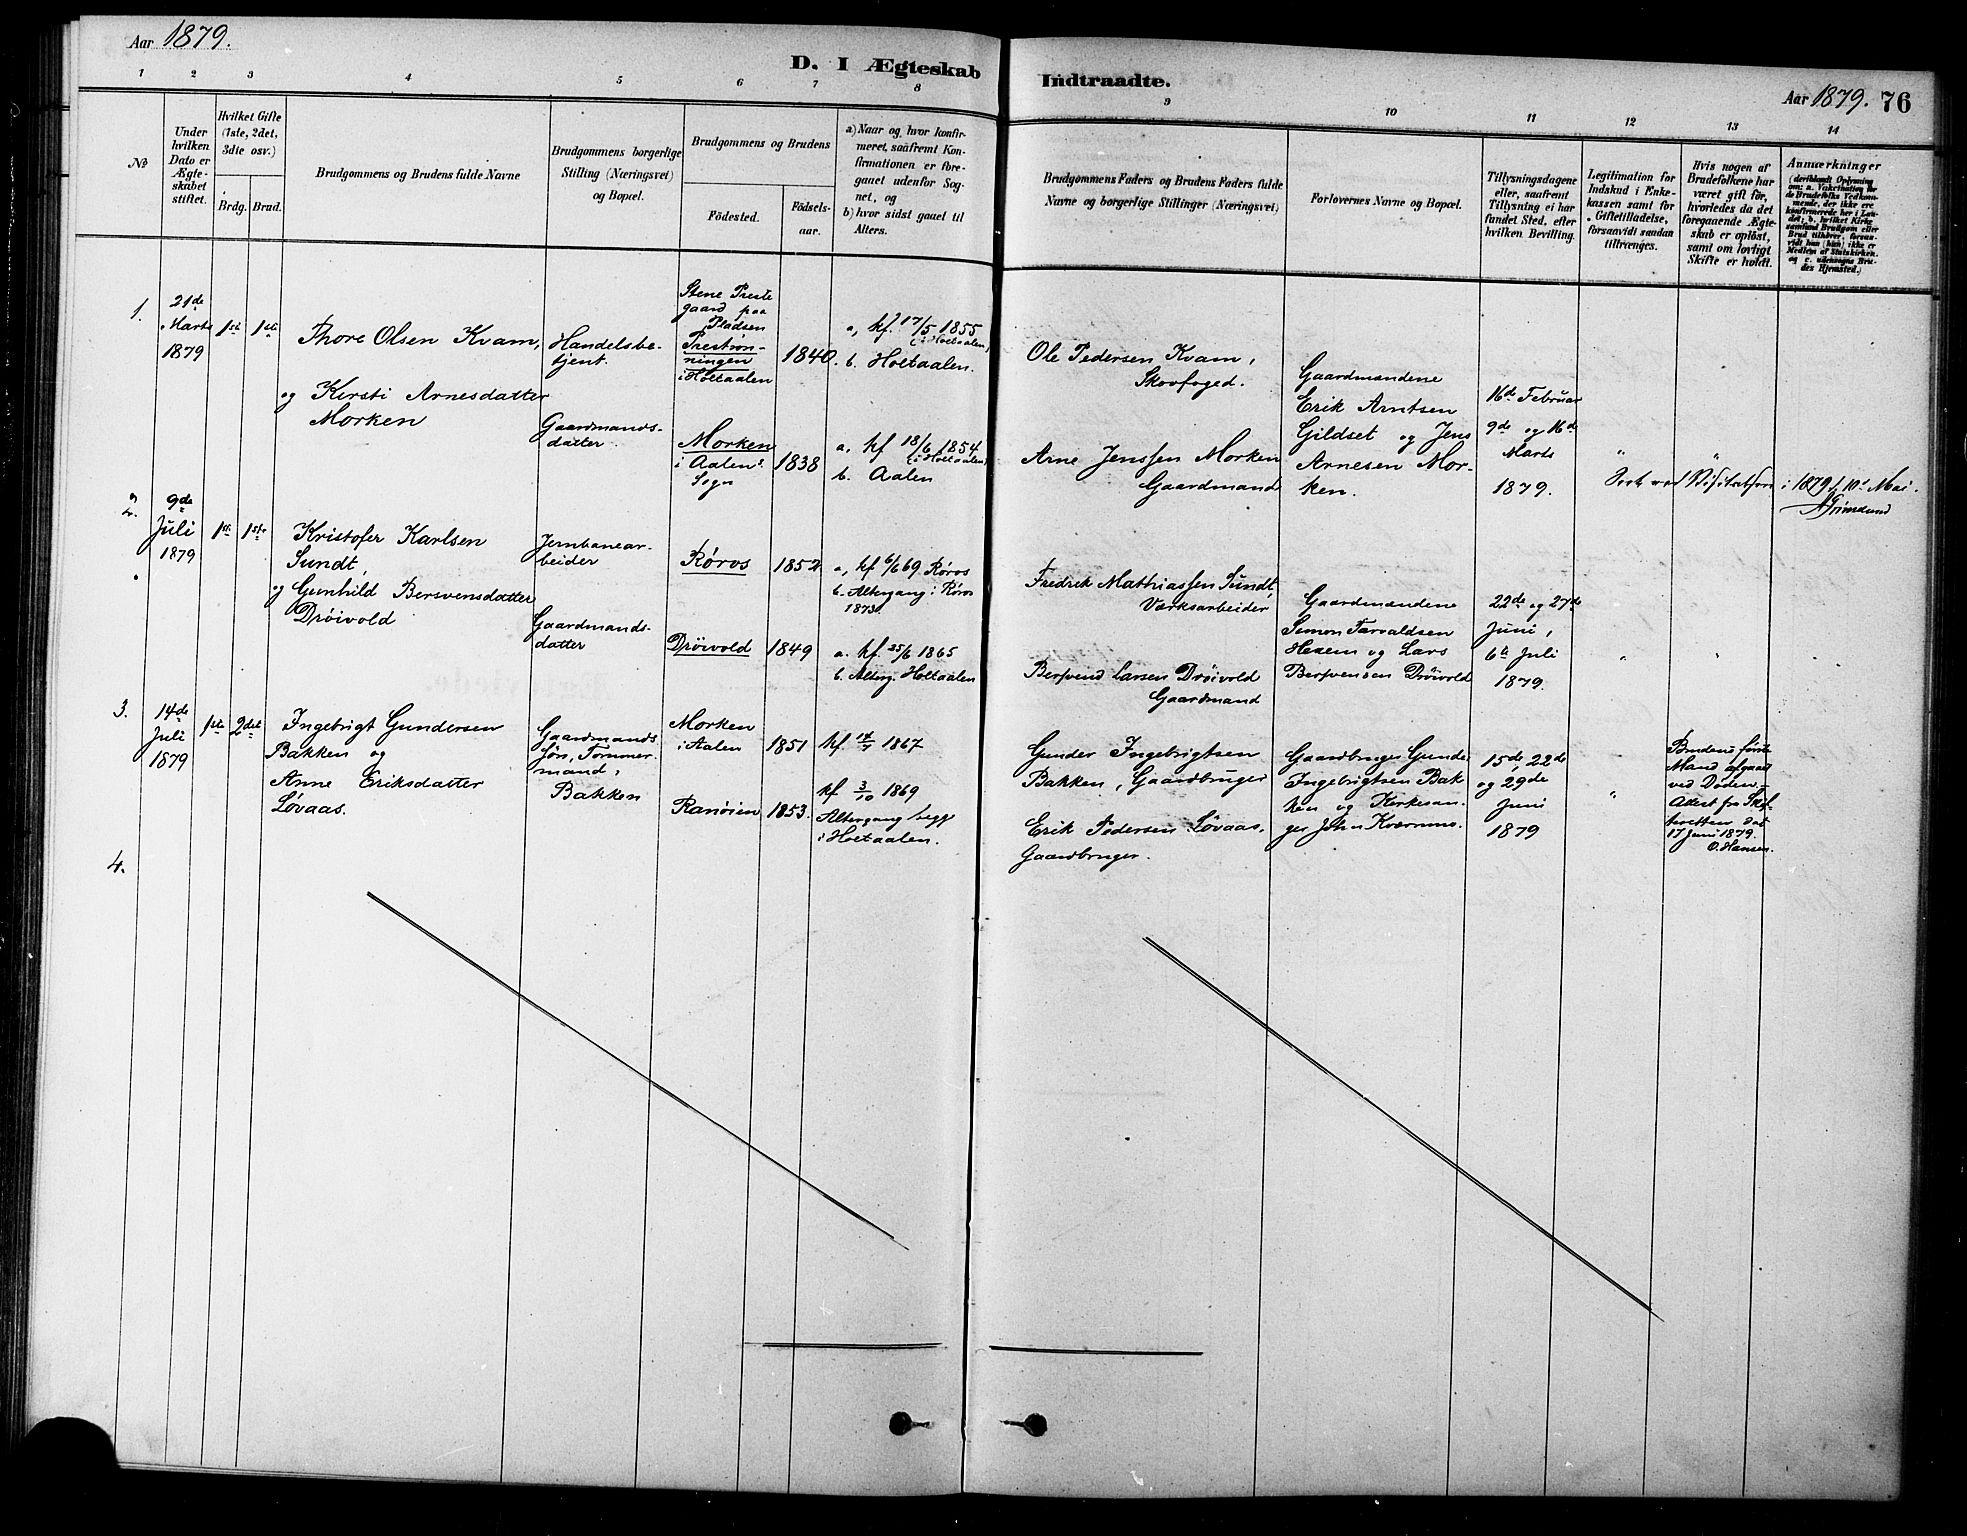 SAT, Ministerialprotokoller, klokkerbøker og fødselsregistre - Sør-Trøndelag, 685/L0972: Ministerialbok nr. 685A09, 1879-1890, s. 76